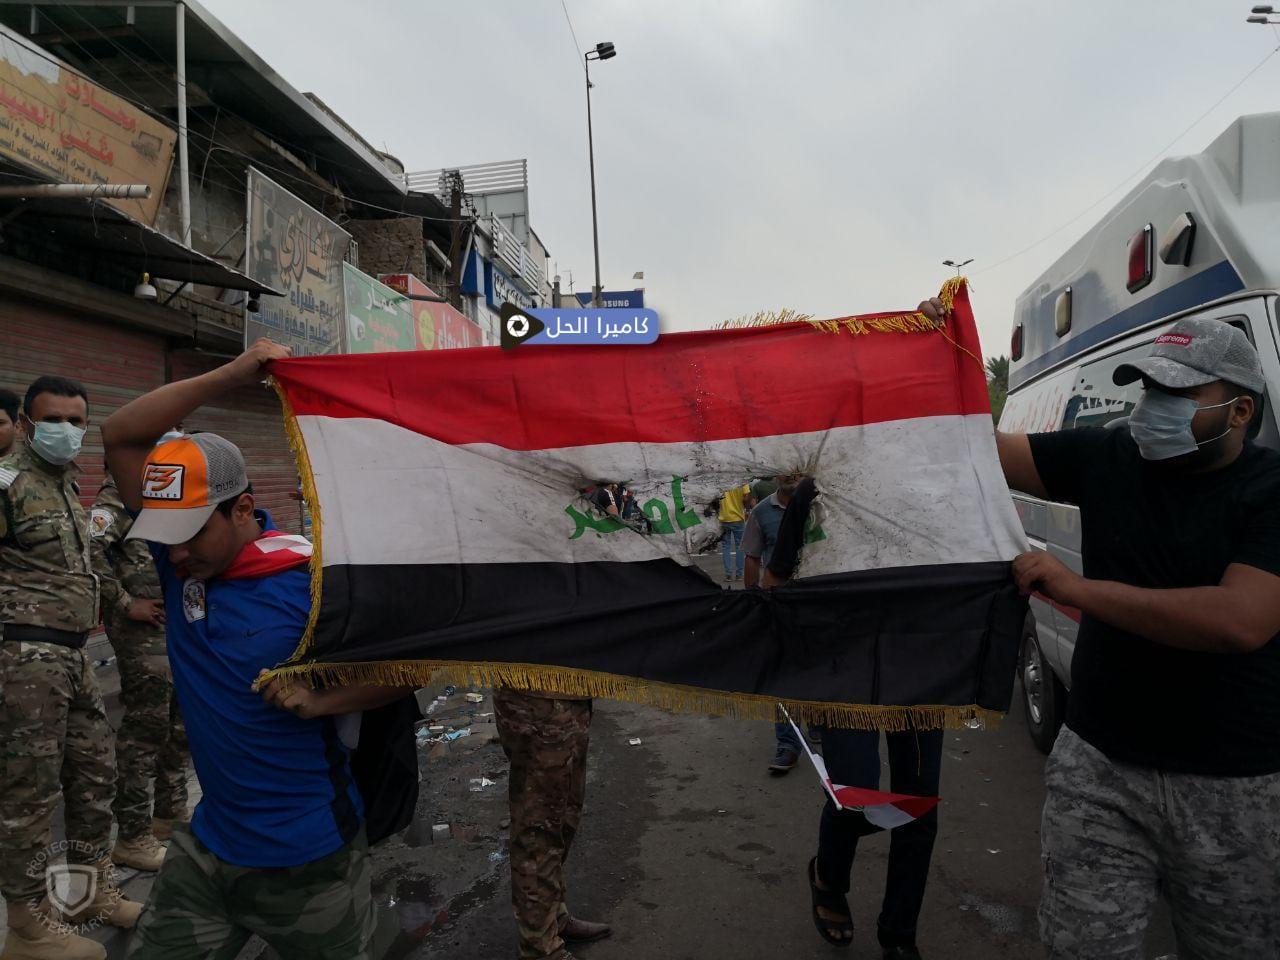 رسمياً.. تعويض أُسر ضحايا تظاهرات العراق: ماذا عن المصابين؟